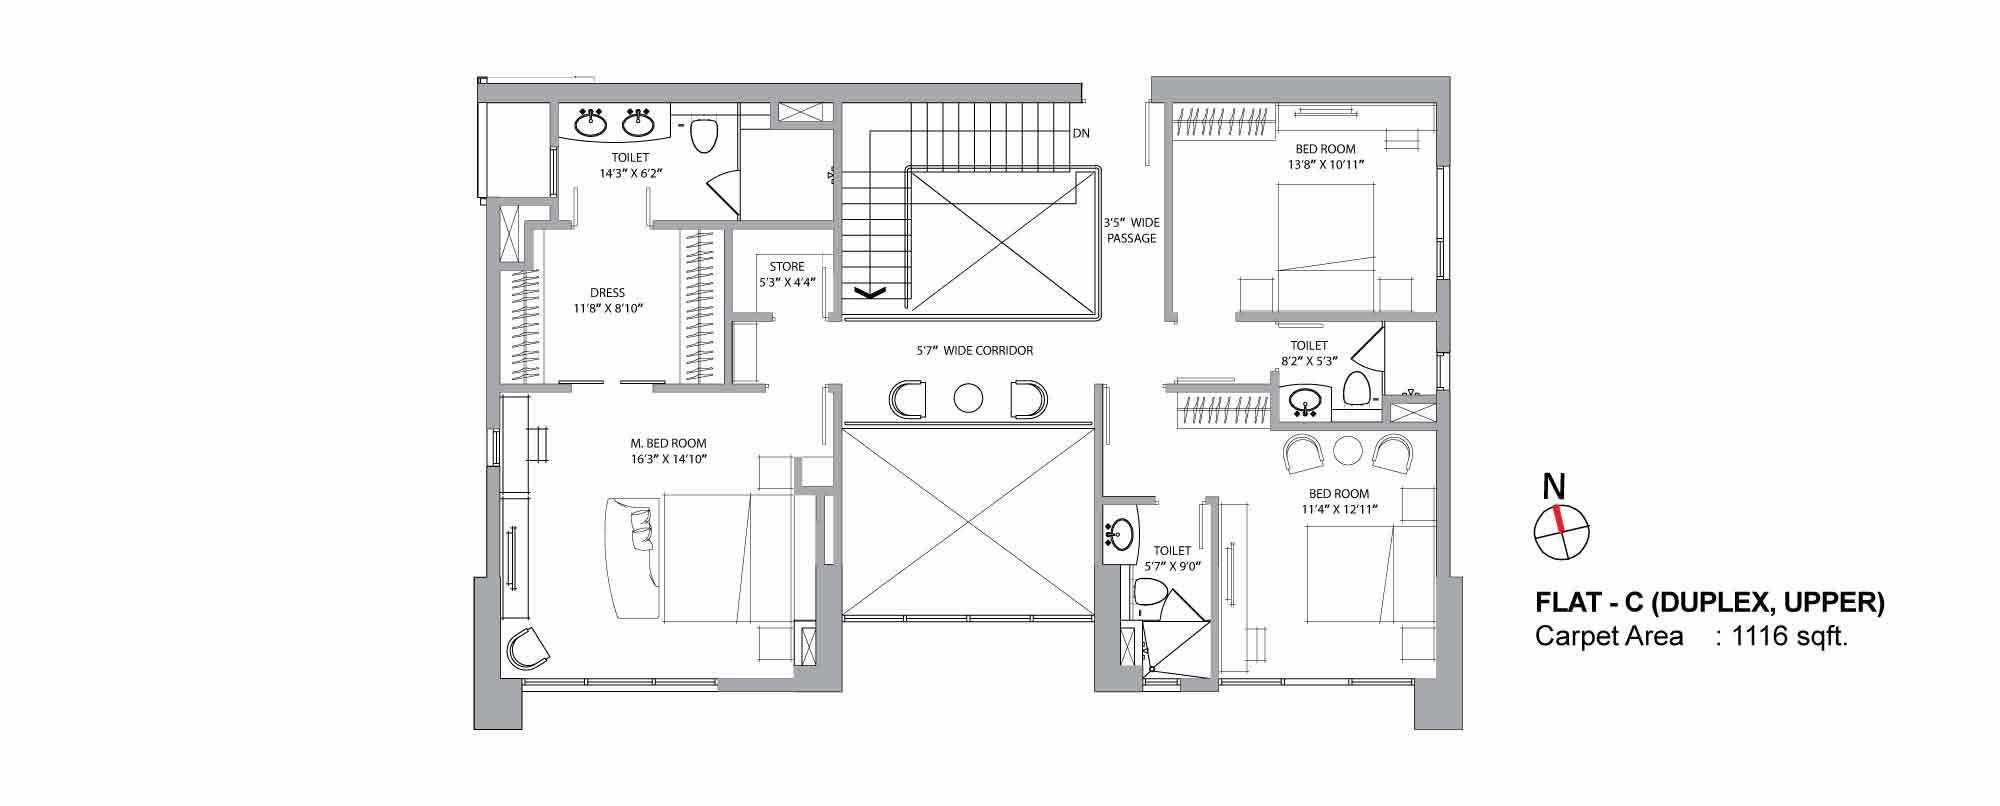 Aurus Duplex Plan